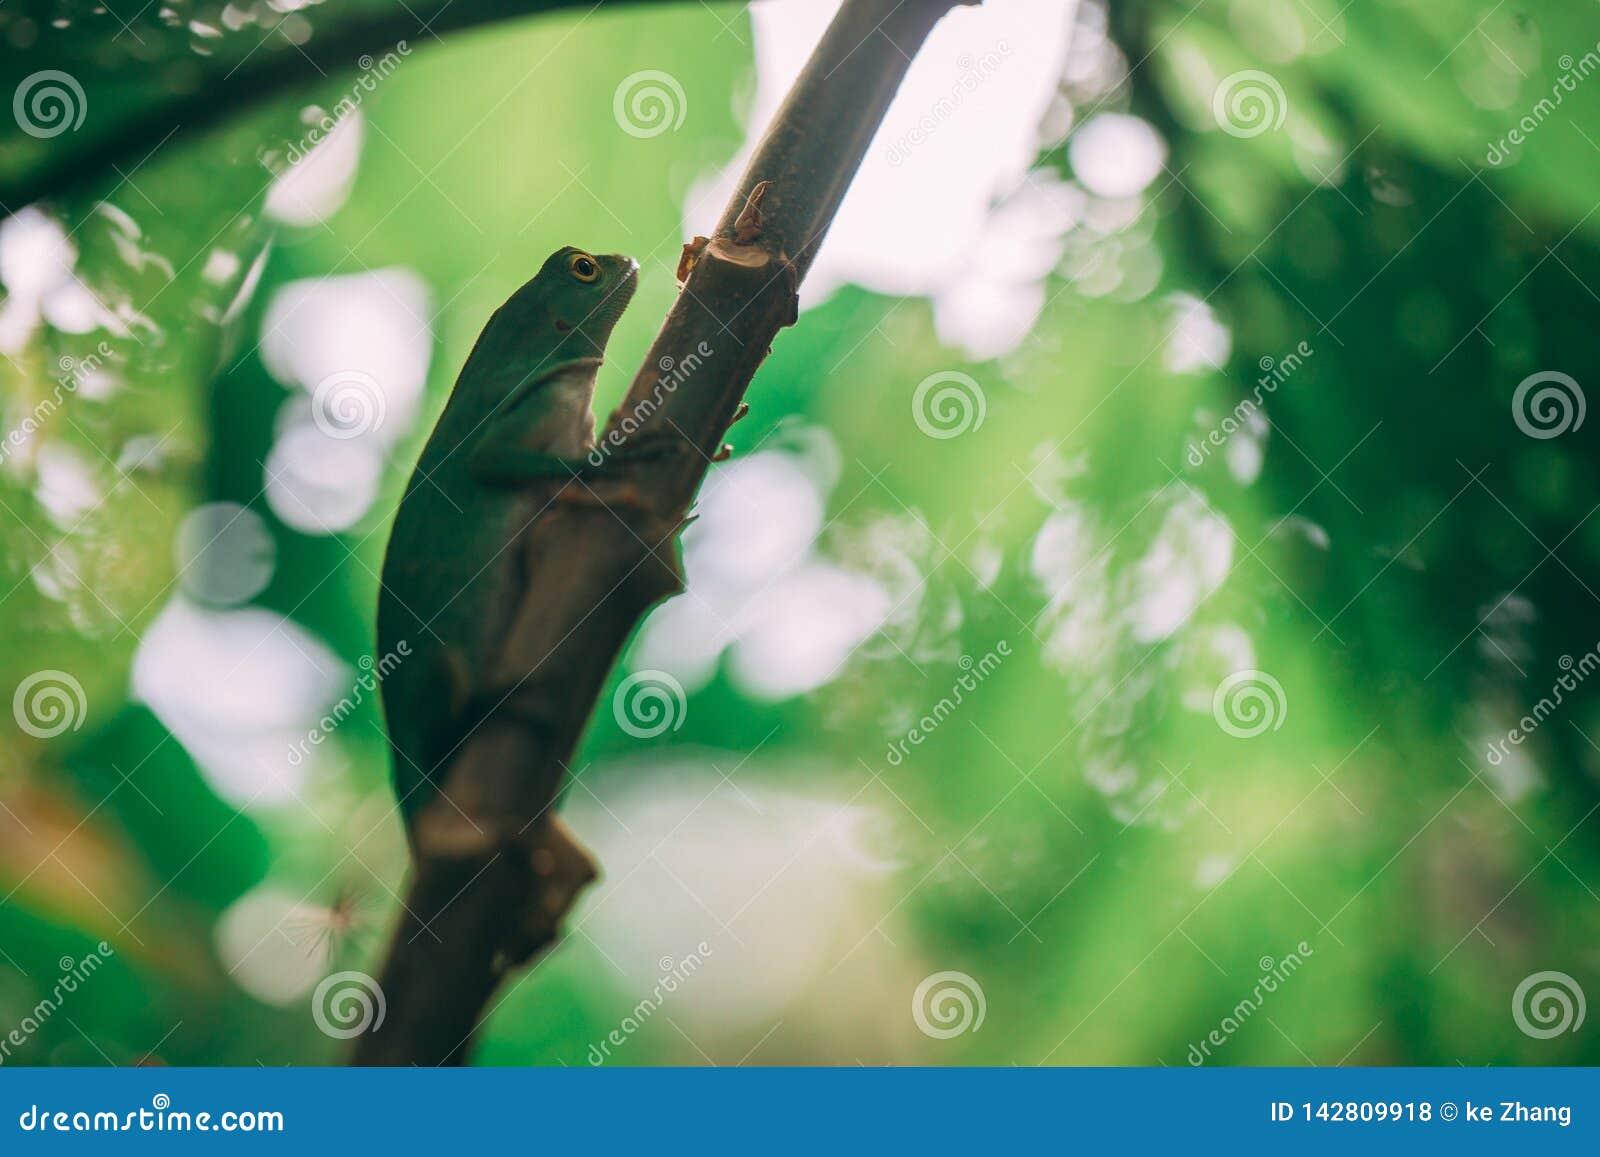 Lagarto verde na floresta úmida em Costa-Rica